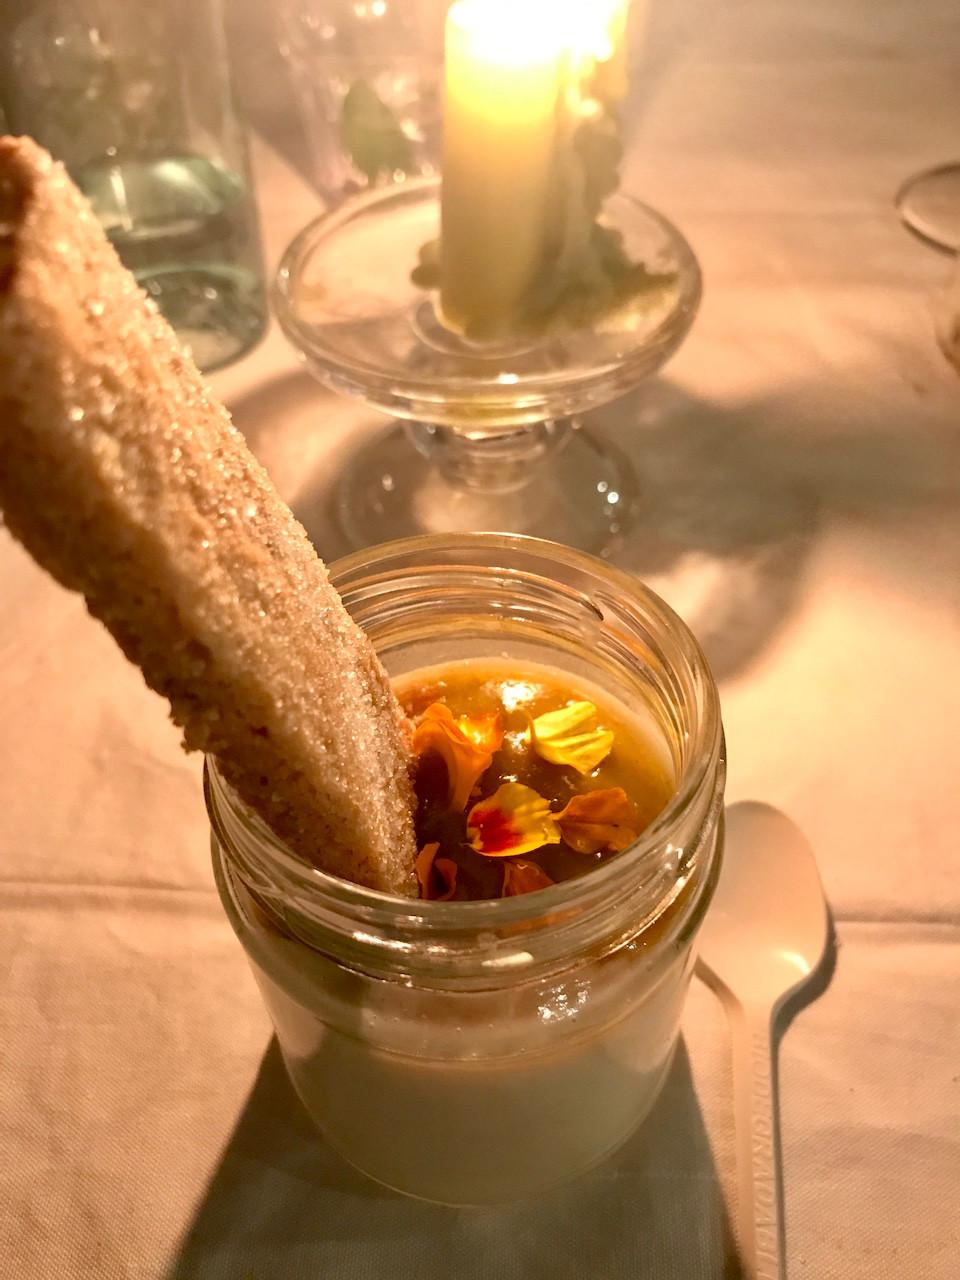 Lemon Posset, dolce di origine inglese, servito con un biscotto al burro, coulis di uva fragola, succo di agrumi e fiori commestibili torte felici cena nell'orto